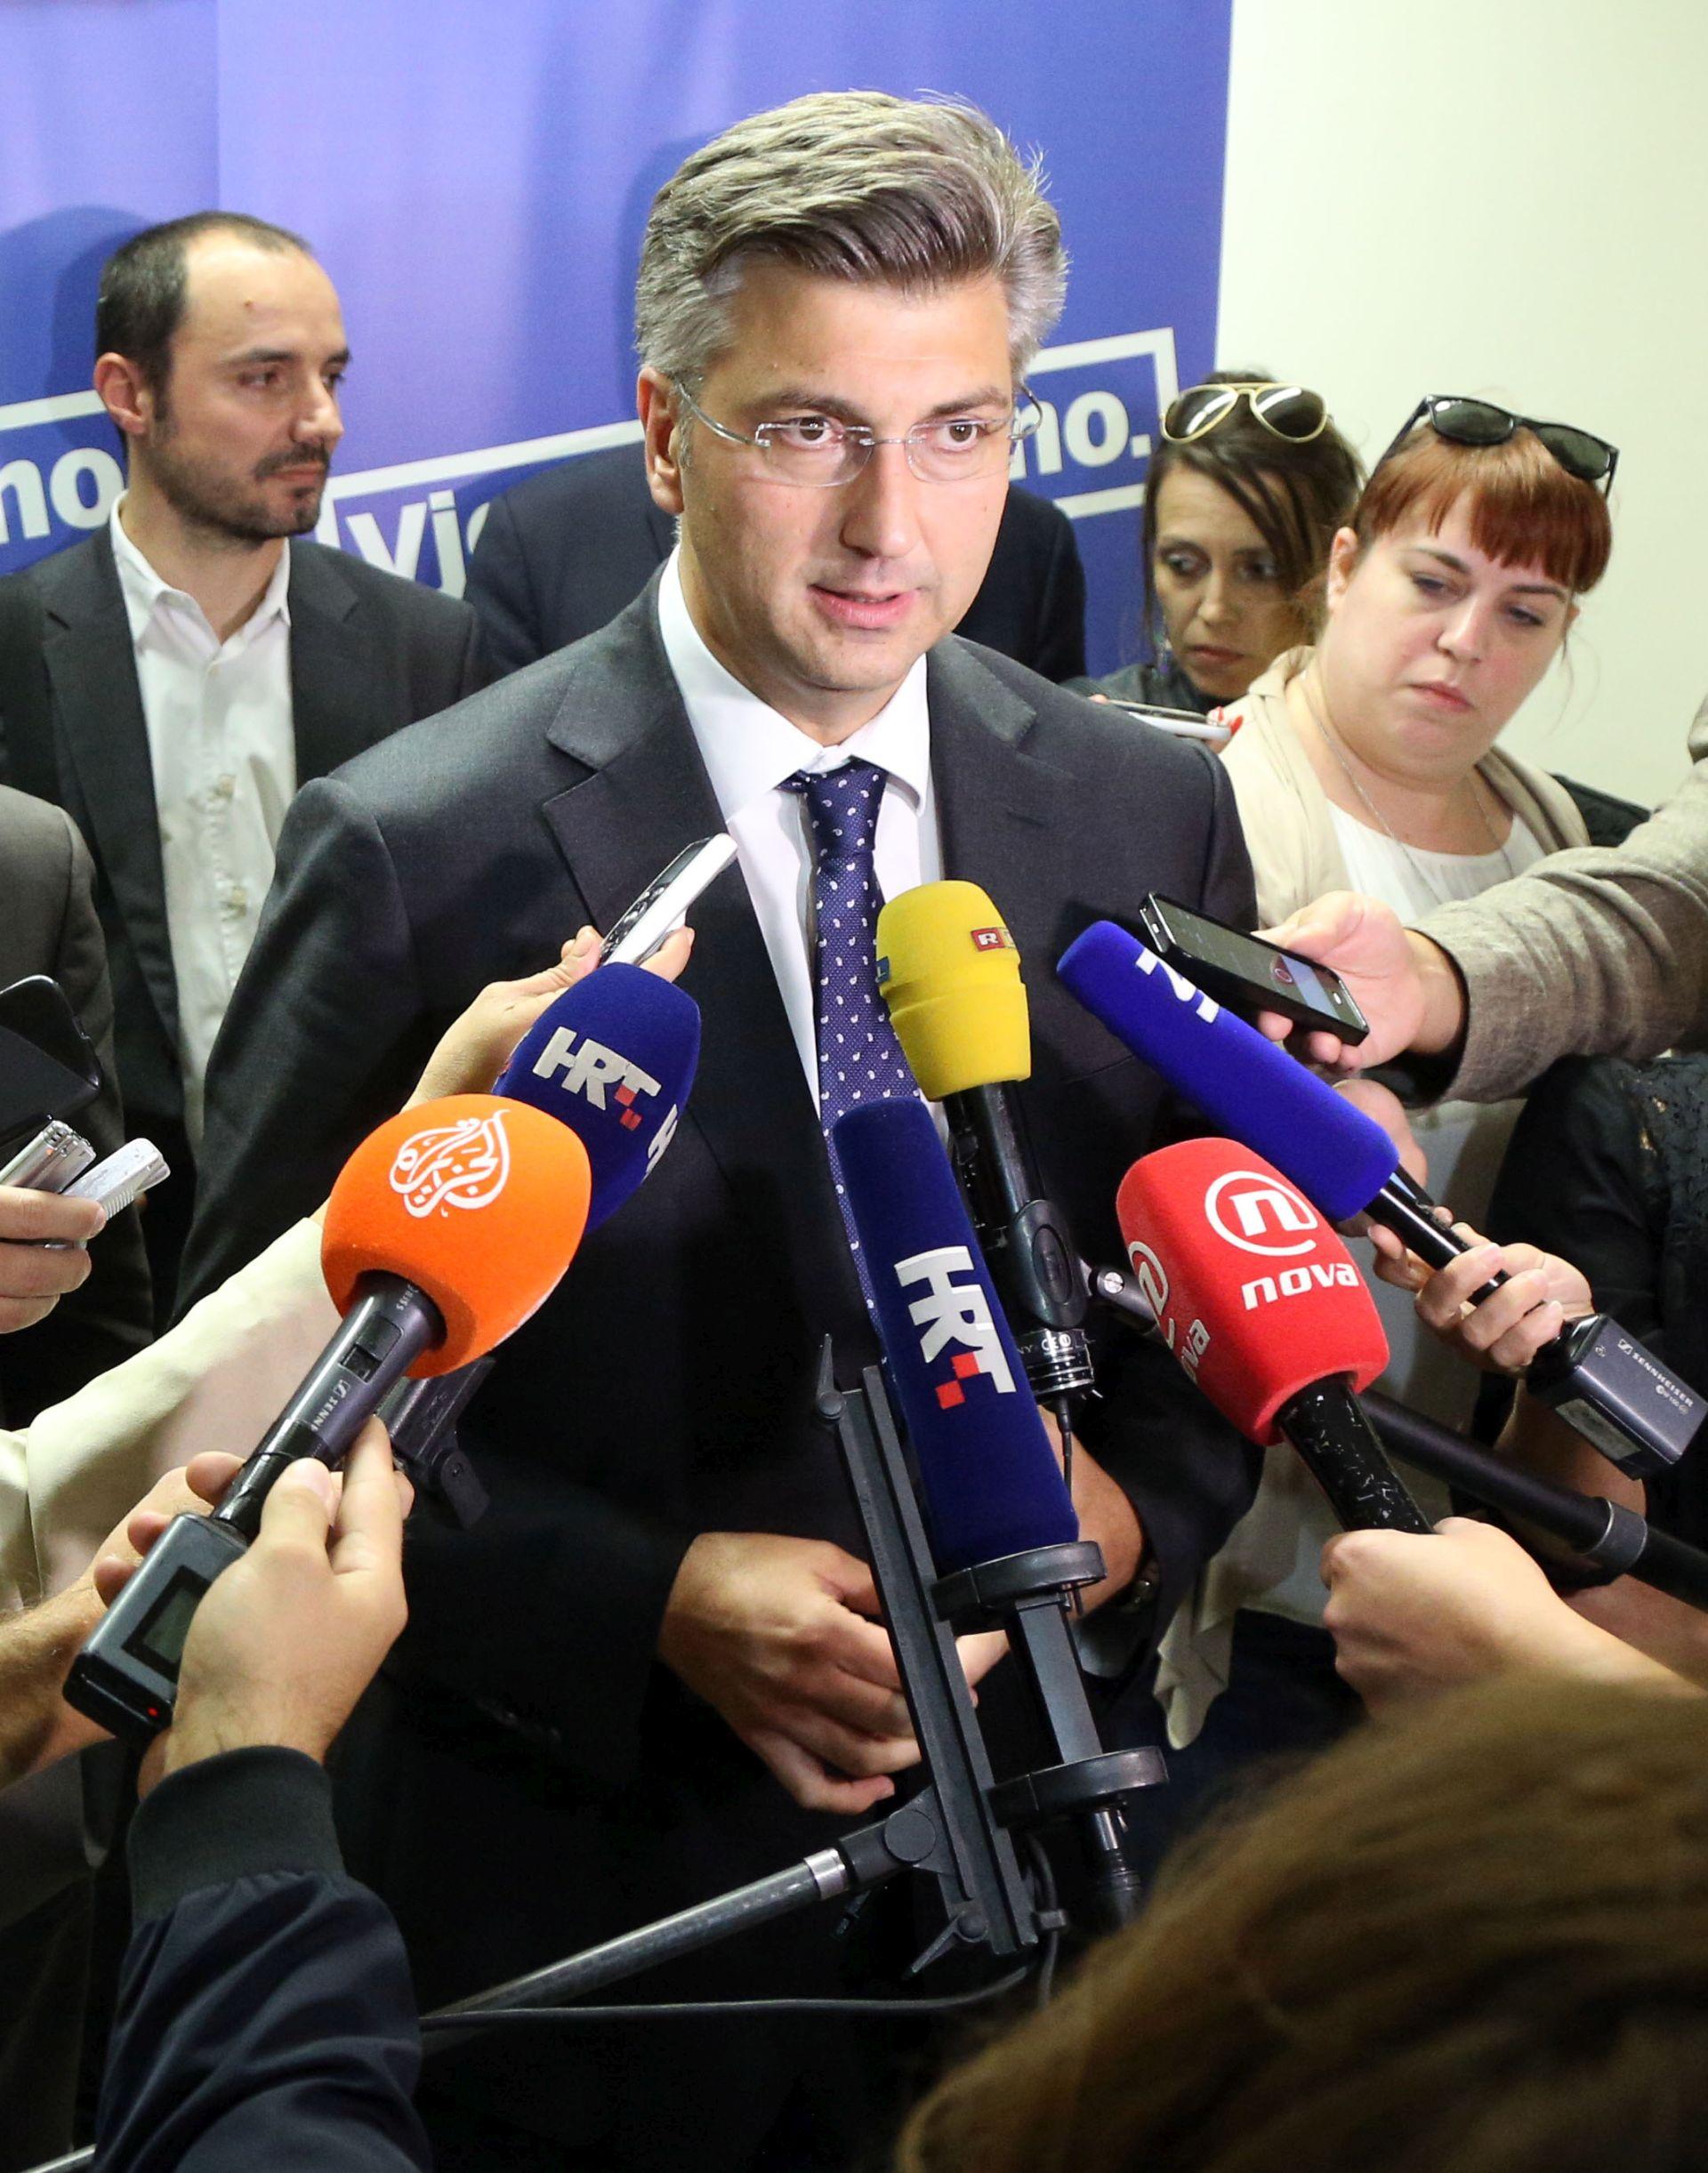 FORMIRANJE VLADE: Plenković ne vidi problem u tome da Petrov ima mjesto prvog potpredsjednika